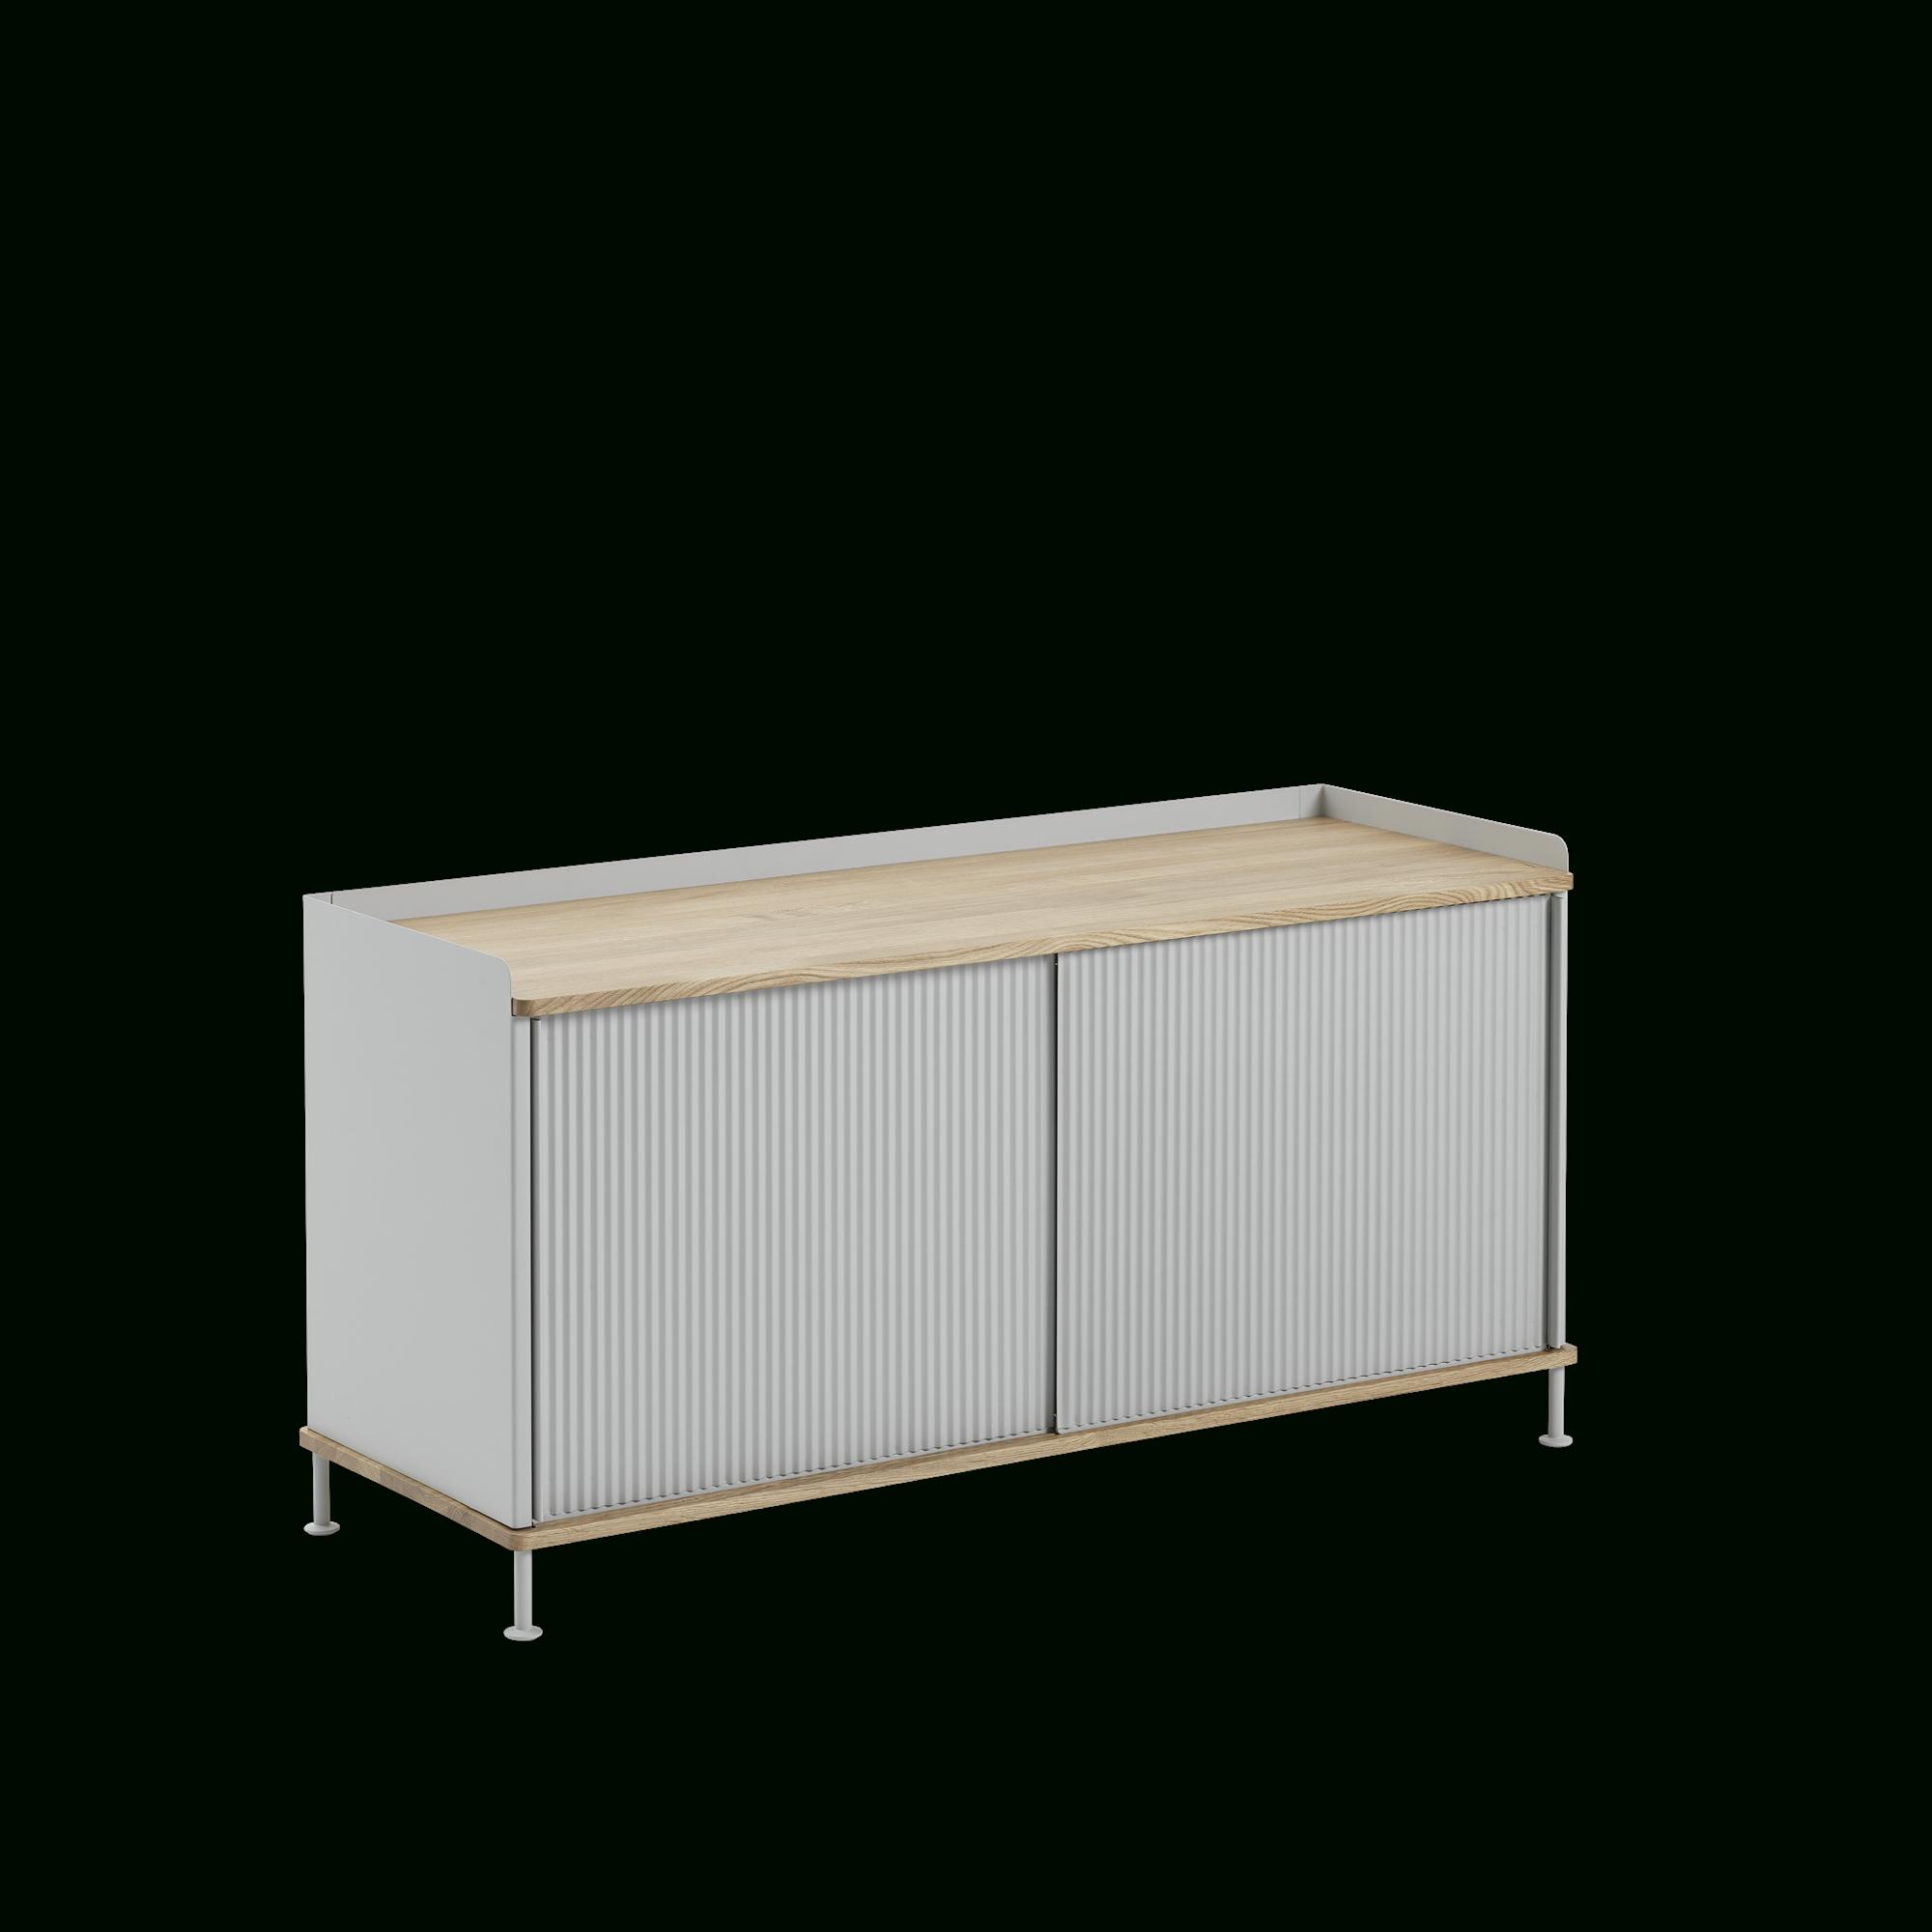 Enfold Sideboard | Scandinavian Storage Design Within 2018 Metal Refinement 4 Door Sideboards (View 16 of 20)